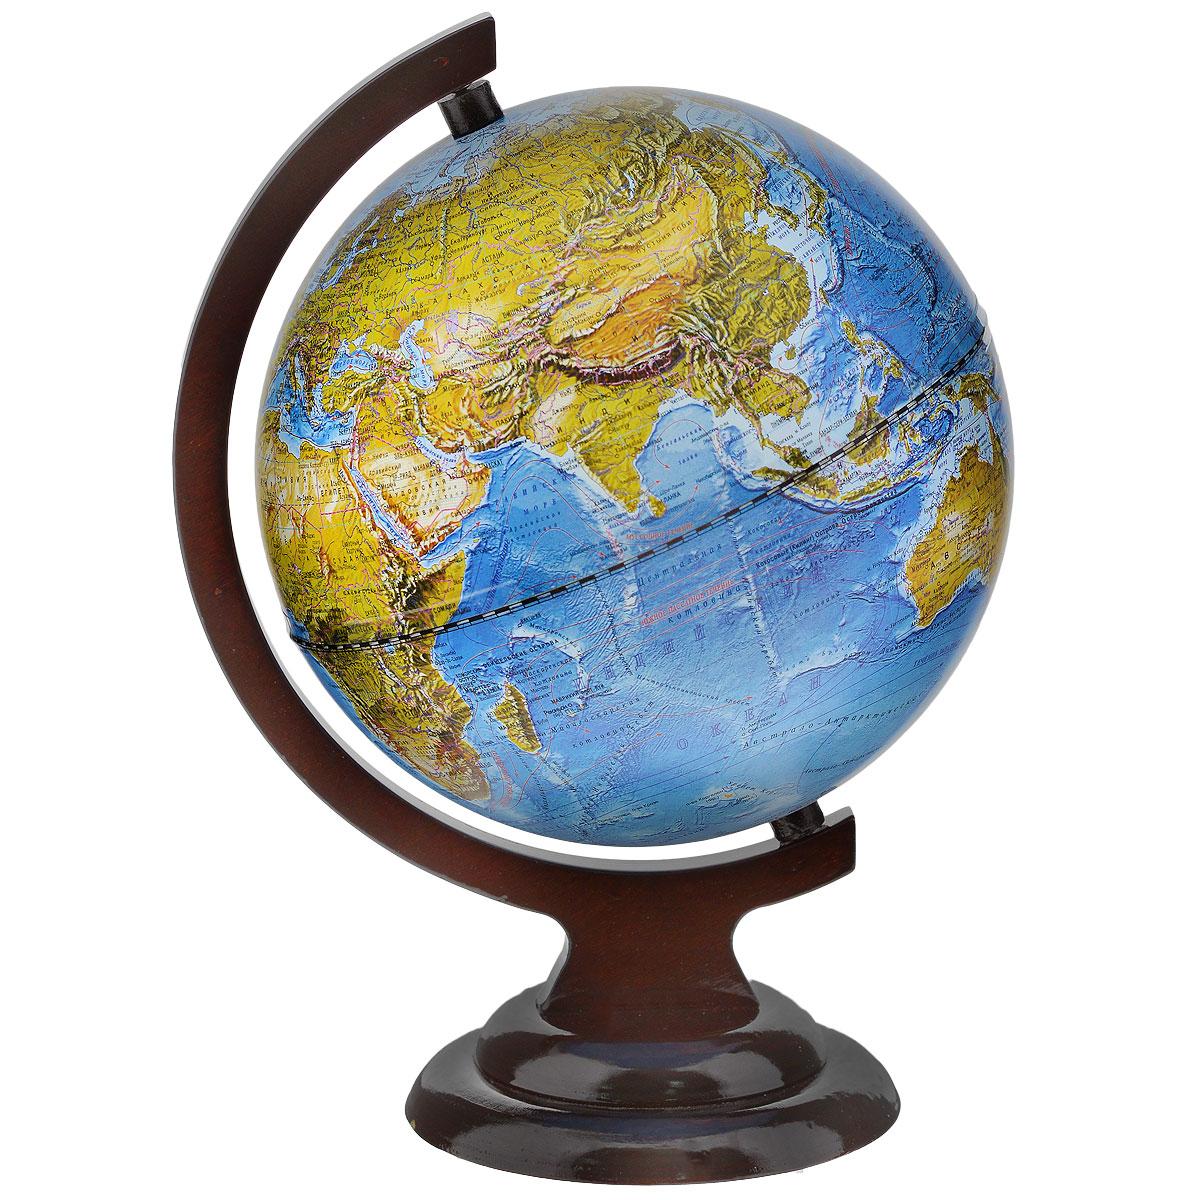 Глобусный мир Ландшафтный глобус, диаметр 21 см, на деревянной подставке